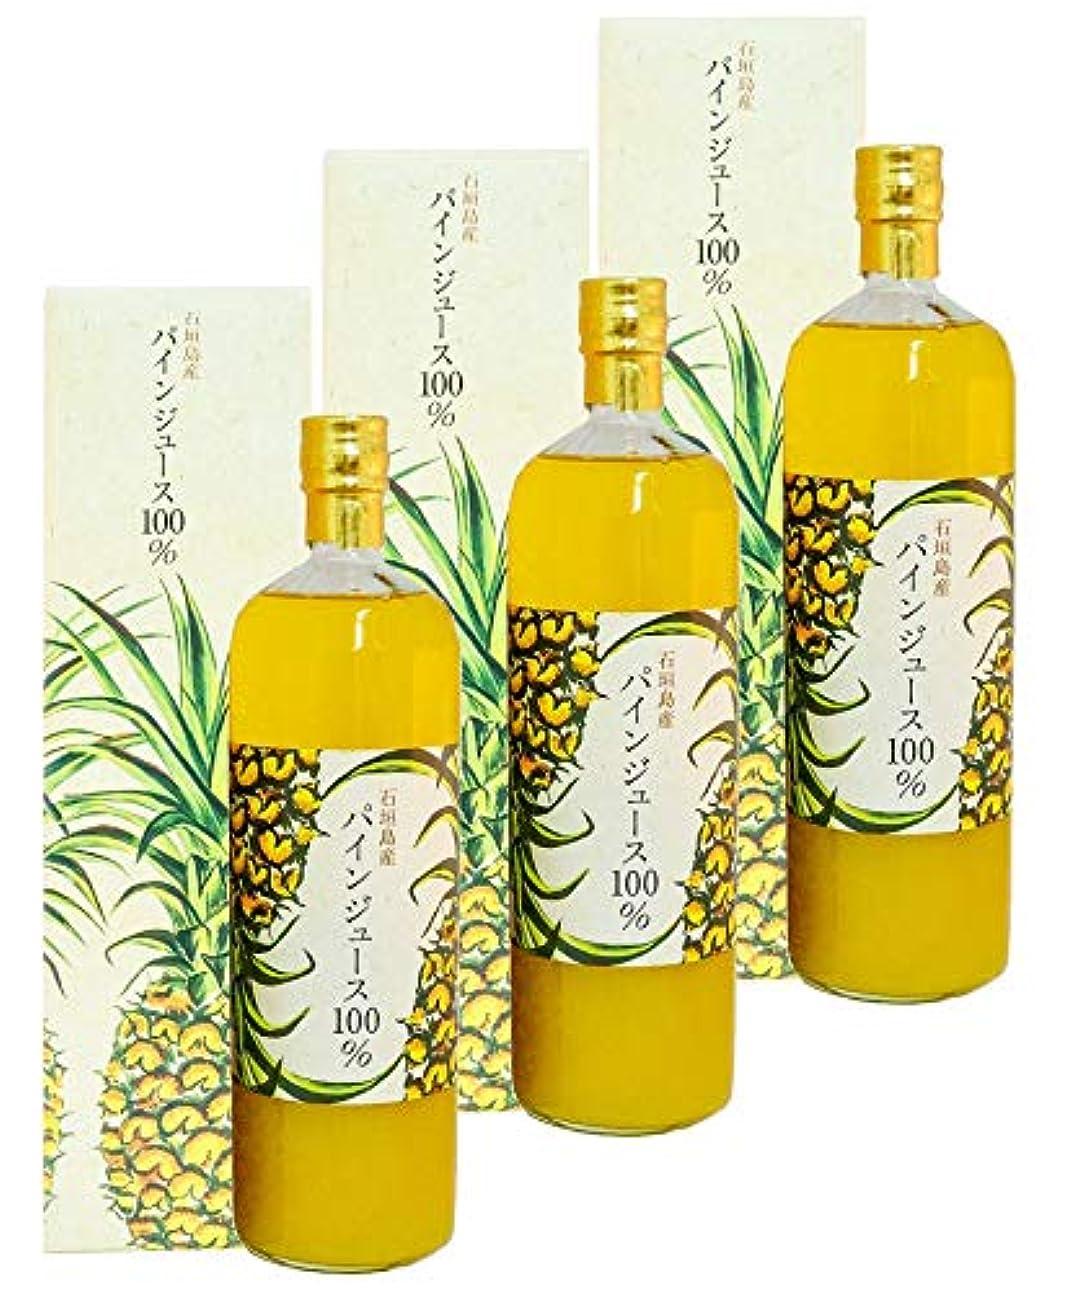 物理的な賛美歌例外石垣島産 パインジュース100% 900ml 3本 パイナップルジュース